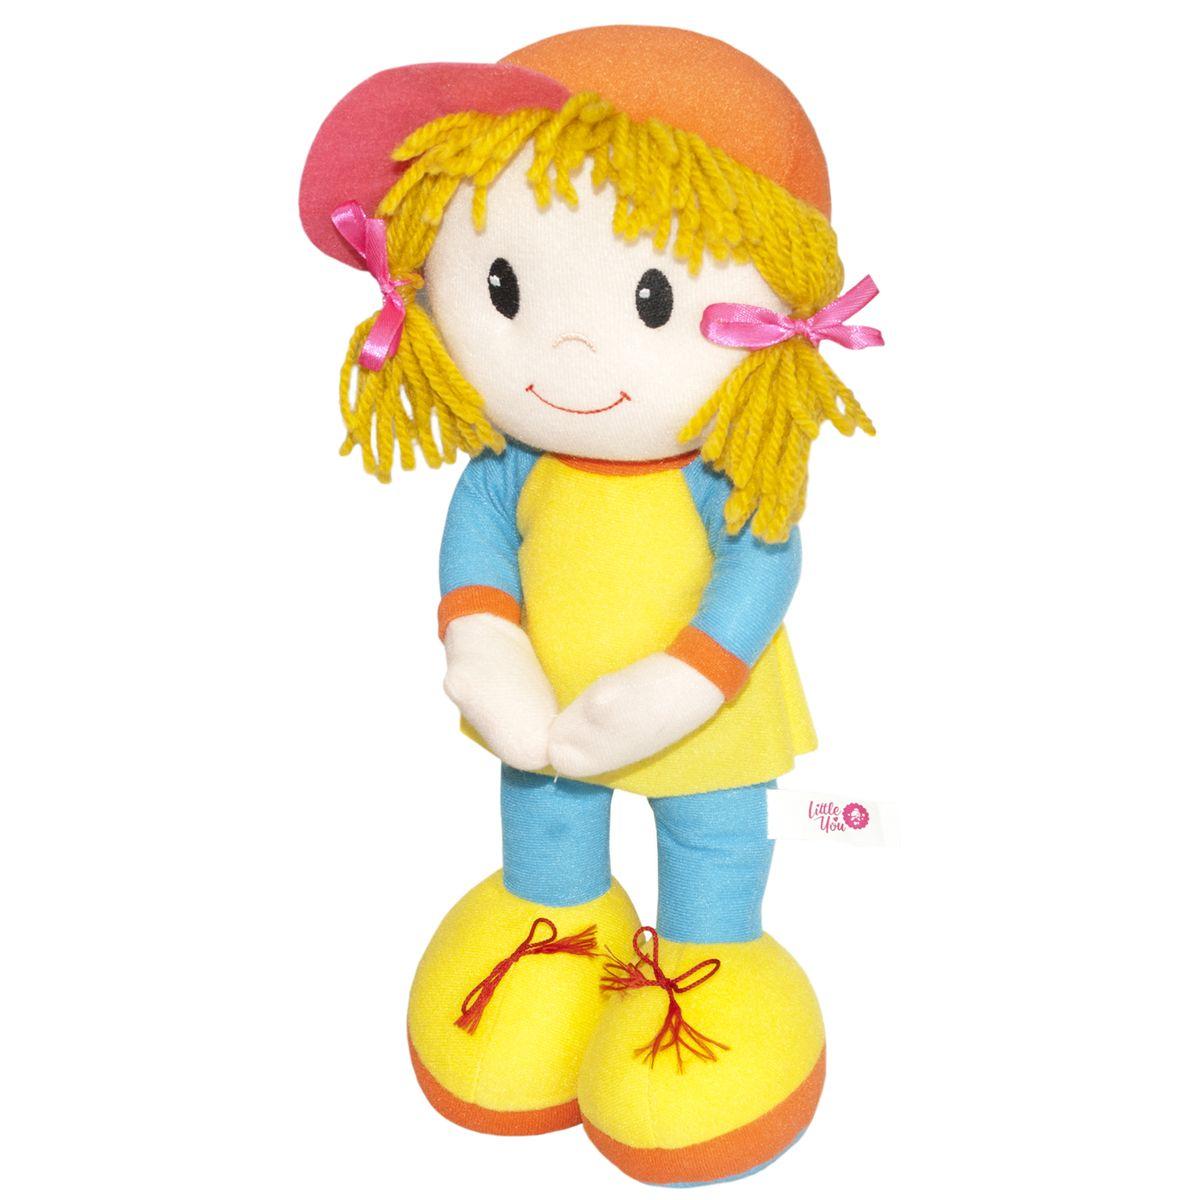 Little You Мягкая кукла Кейт цвет одежды голубой желтый